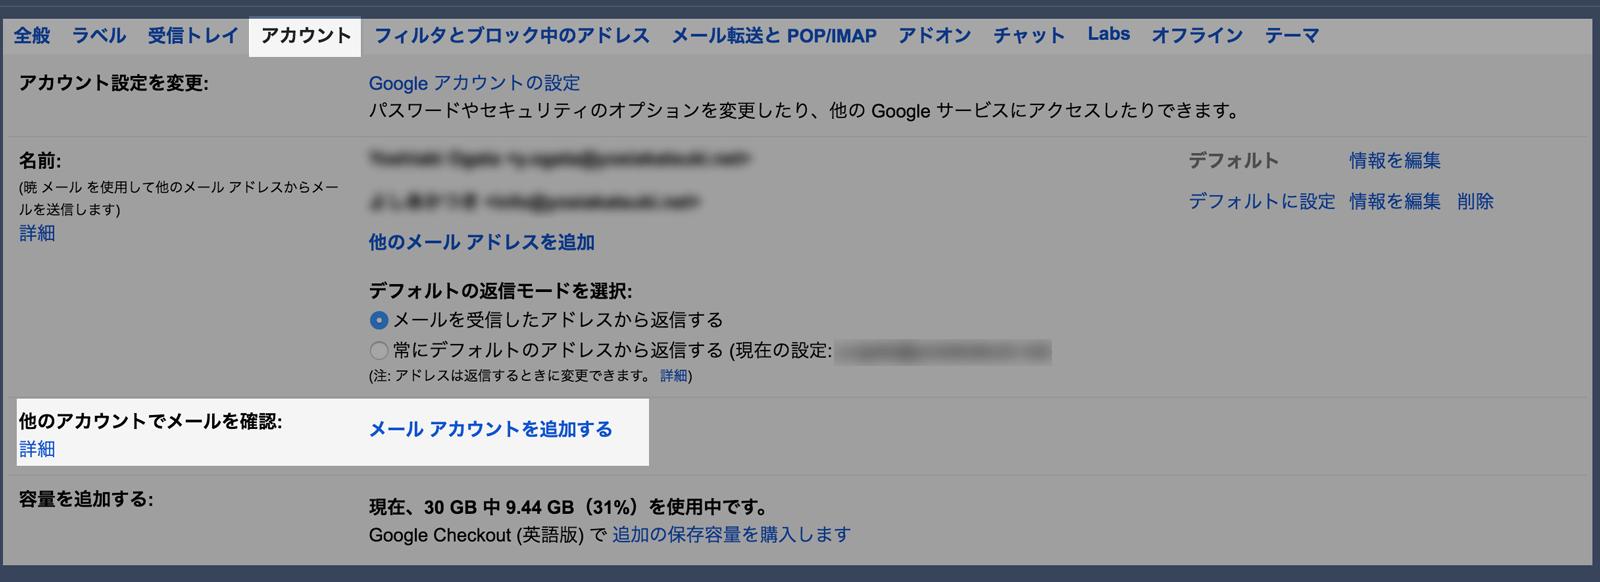 設定のアカウントタブからメールアカウントを追加する